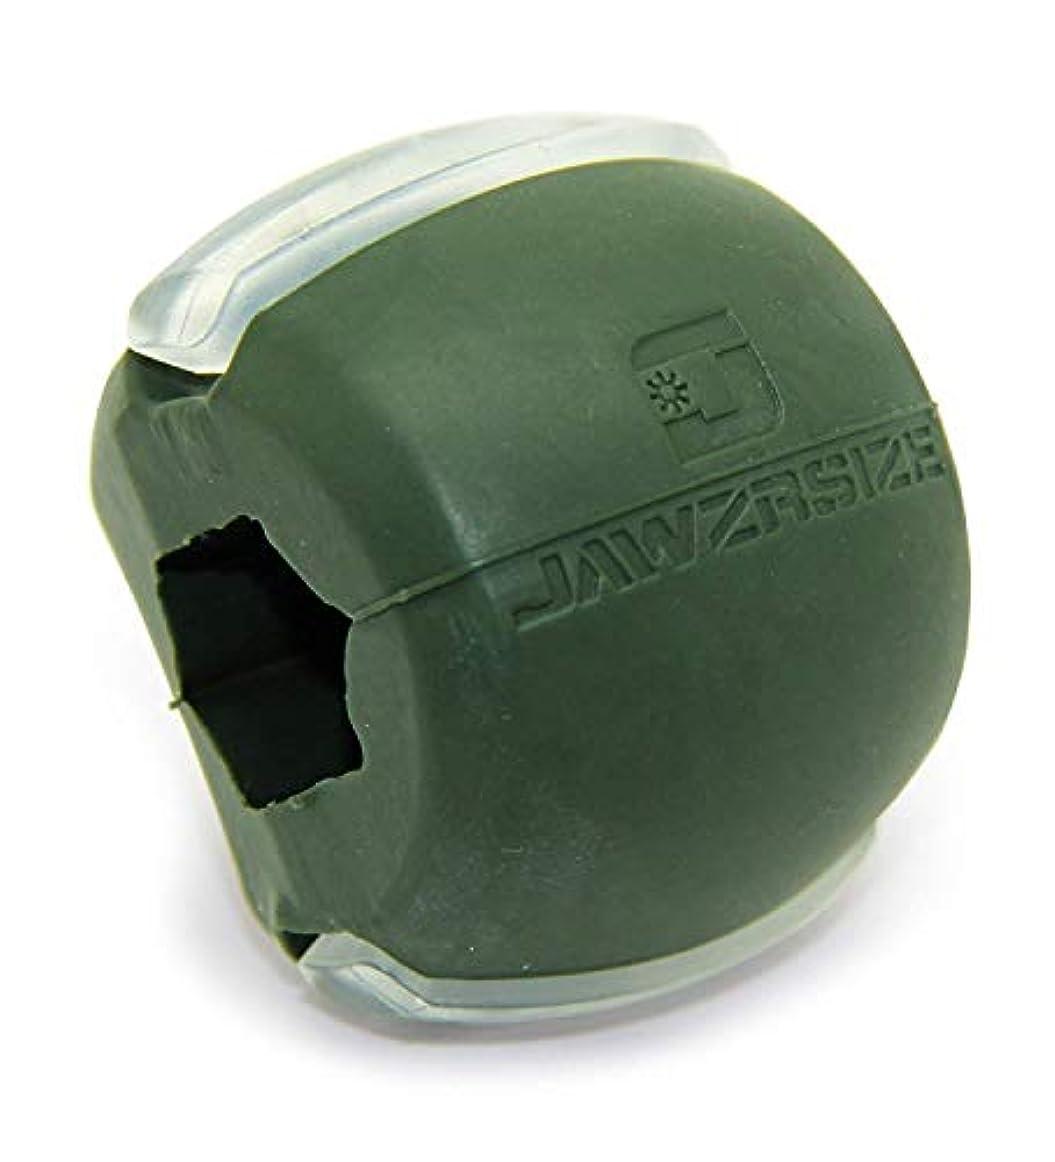 感嘆符ラリーベルモント不利益Jawzrsize フェイストナー、ジョーエクササイザ、ネックトーニング装置 (50 Lb. 抵抗) レベル3 - ミリタリーグリーン